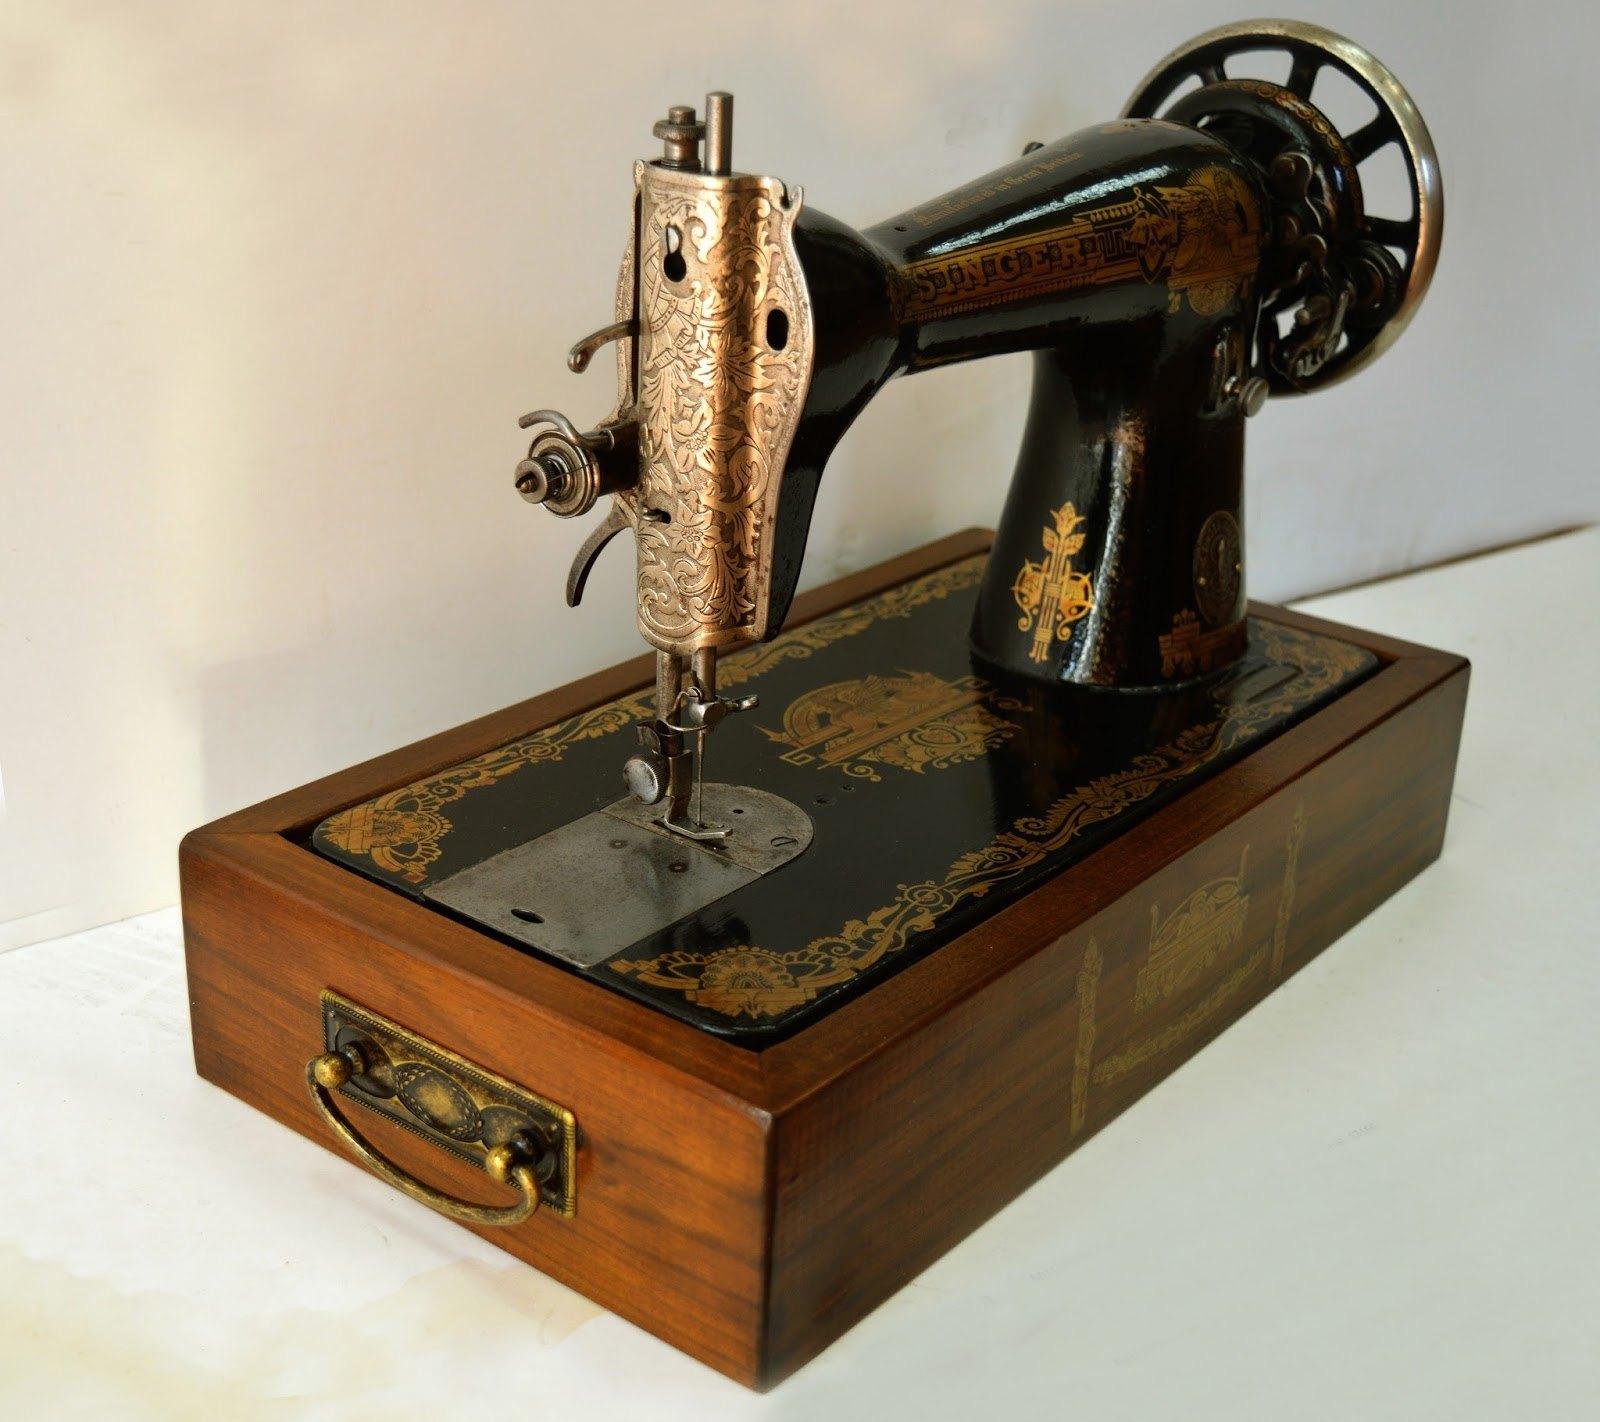 Restauraci n de m quinas de coser antiguas el blog de - Maquinas de coser restauradas ...